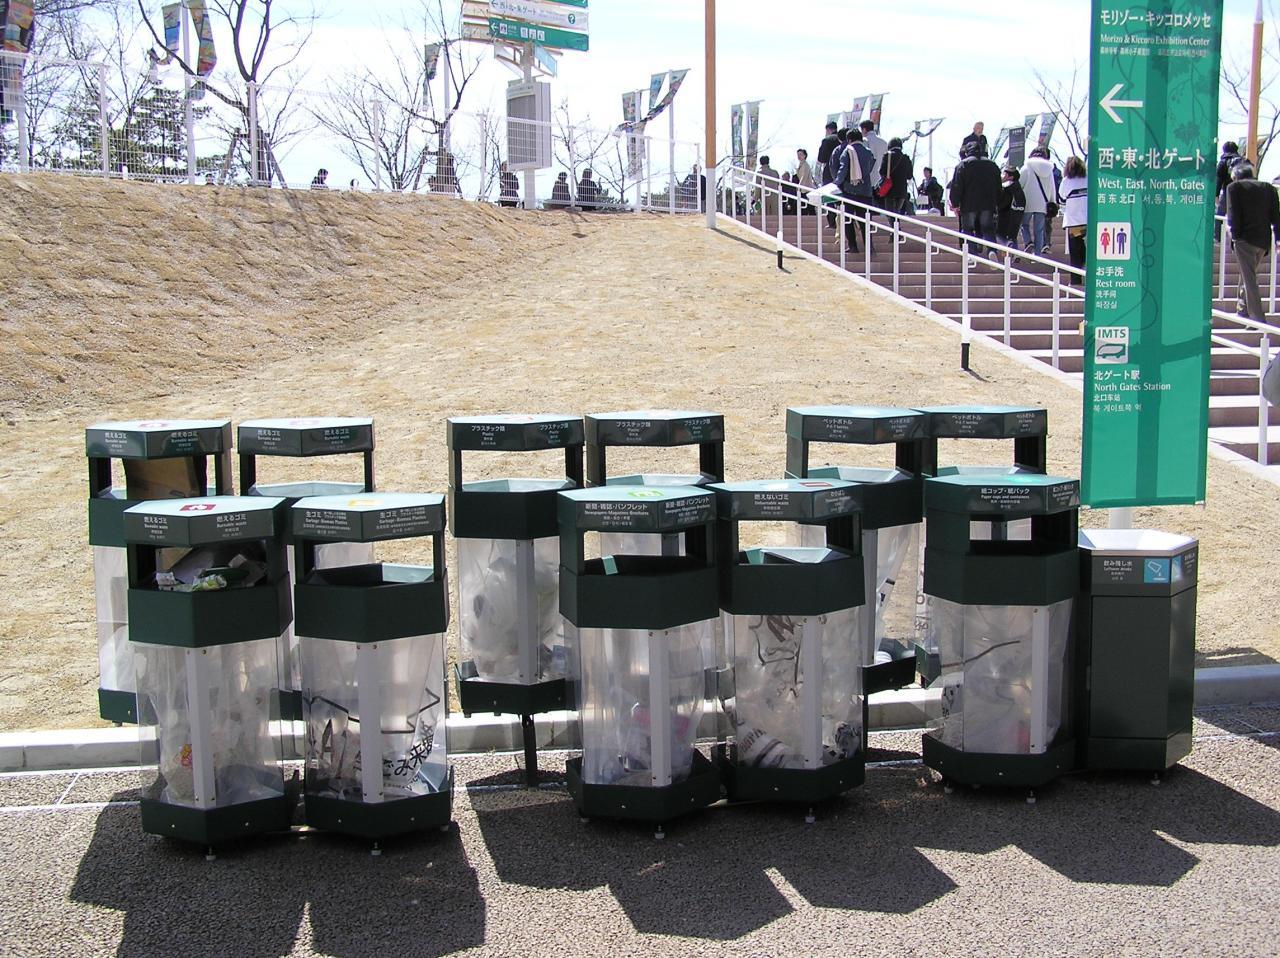 ゴミは分別してから捨てましょう